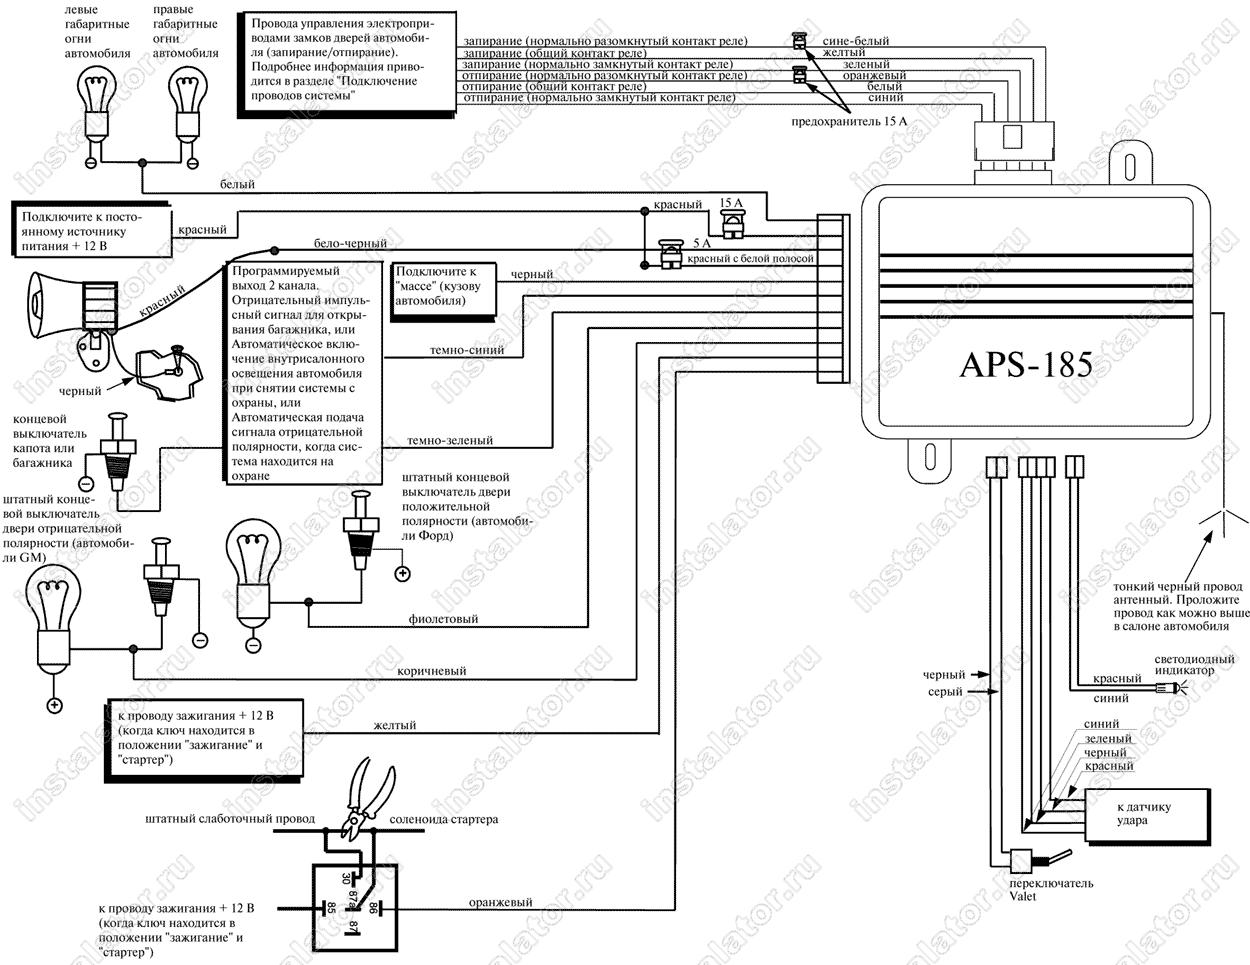 Схема подключения сигнализации апс 2500